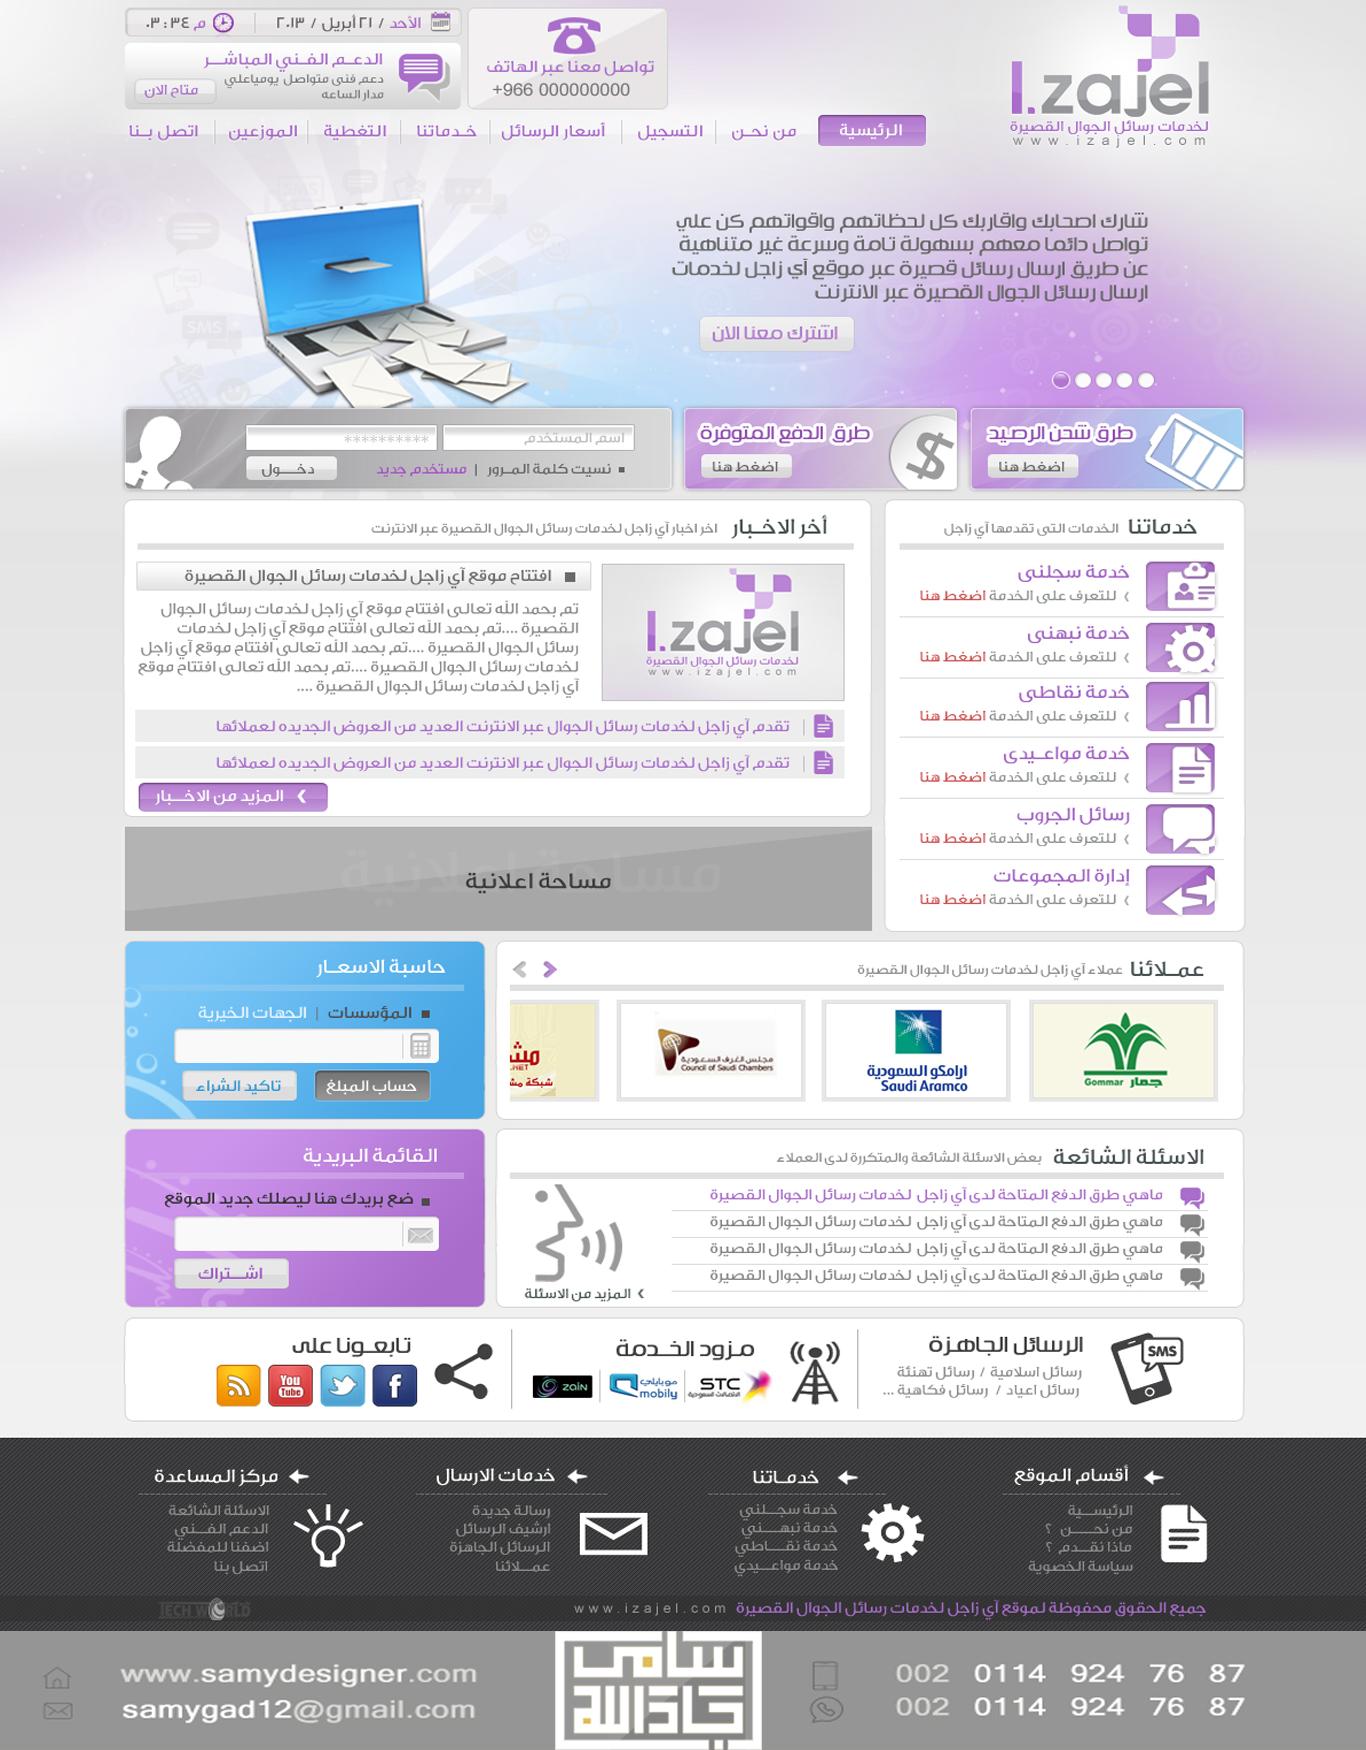 من سابقة أعمالنا فى تصميم وبرمجة المواقع الالكترونية لخدمات رسائل الجوال آى زاجل لخدمات رسائل الجوال القصيرة يسعدنا تلقى إستفساراتكم اتصال مباشرة Website